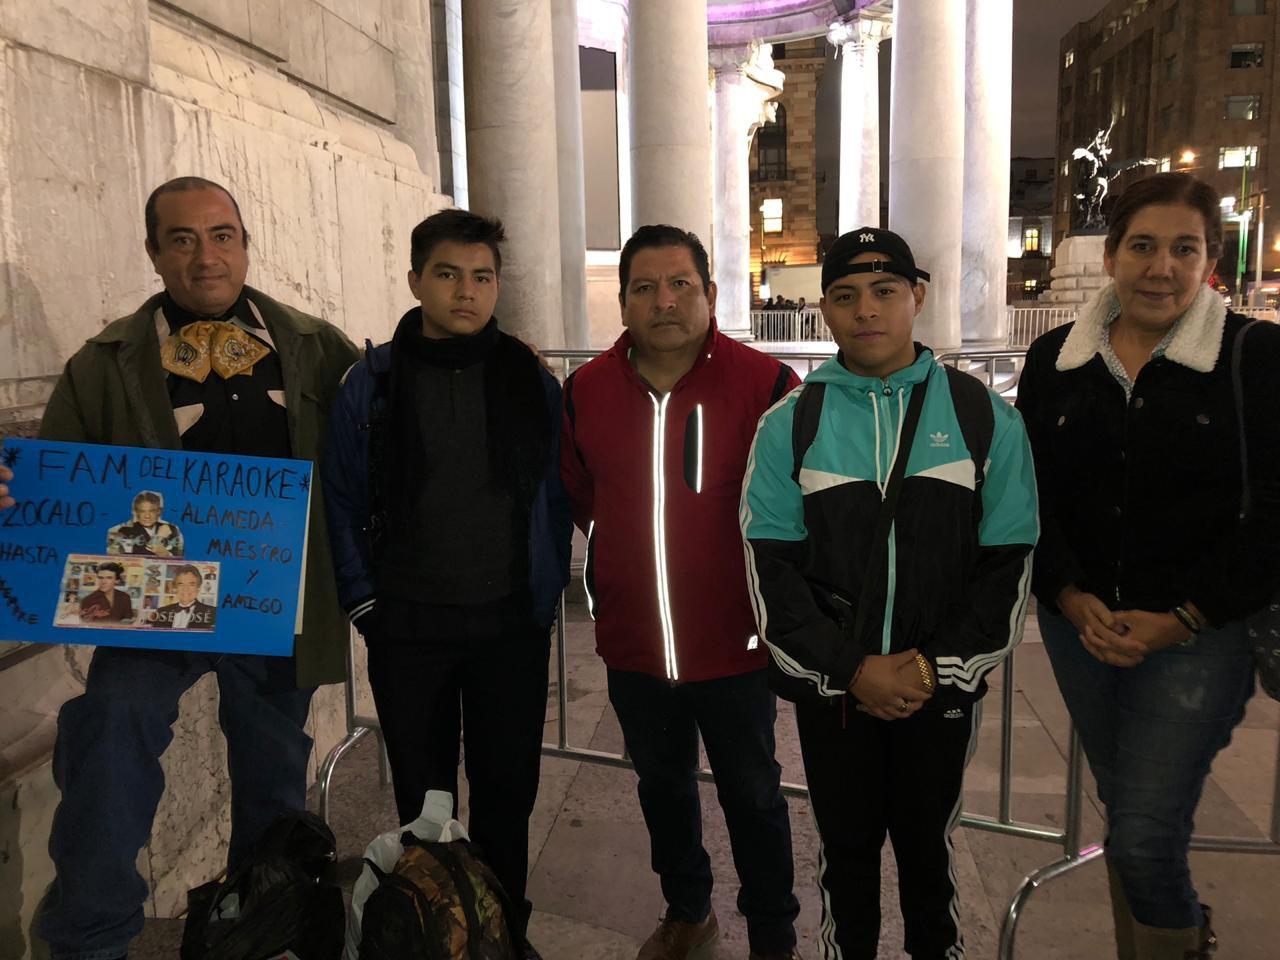 Humberto, Enrique y su padre, Víctor y la señora Rosalba fueron de los primeros en llegar a despedir a José José en Bellas Artes (Foto: Diana Zavala / Infobae)